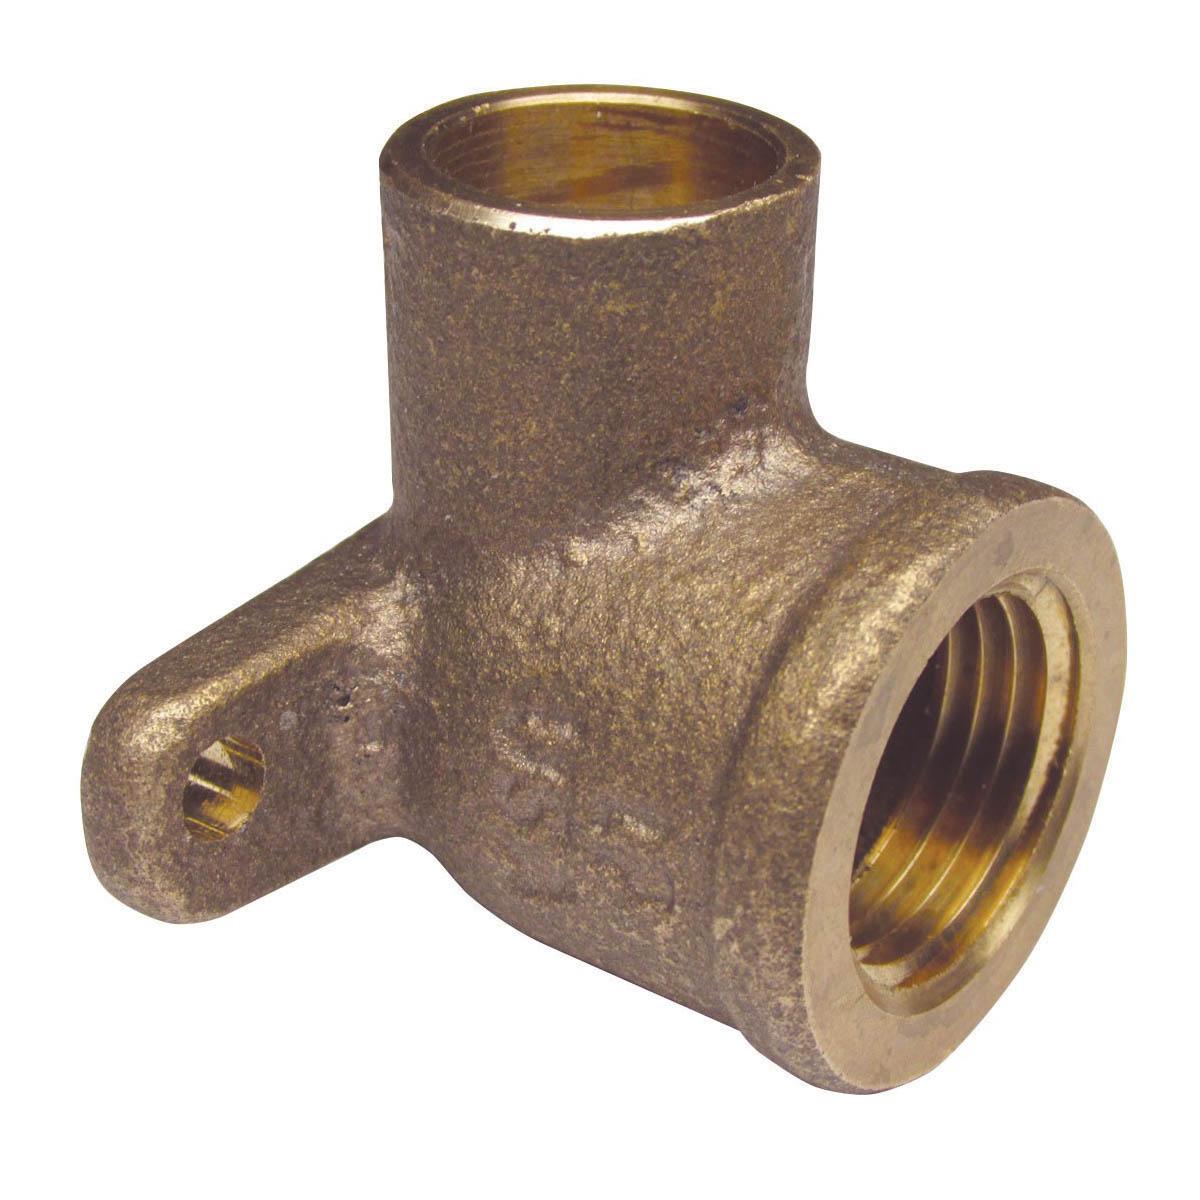 EPC 10056862 4707-3-5 Solder Drop-Ear 90 deg Elbow, 1 in, C x FNPT, Brass, Domestic